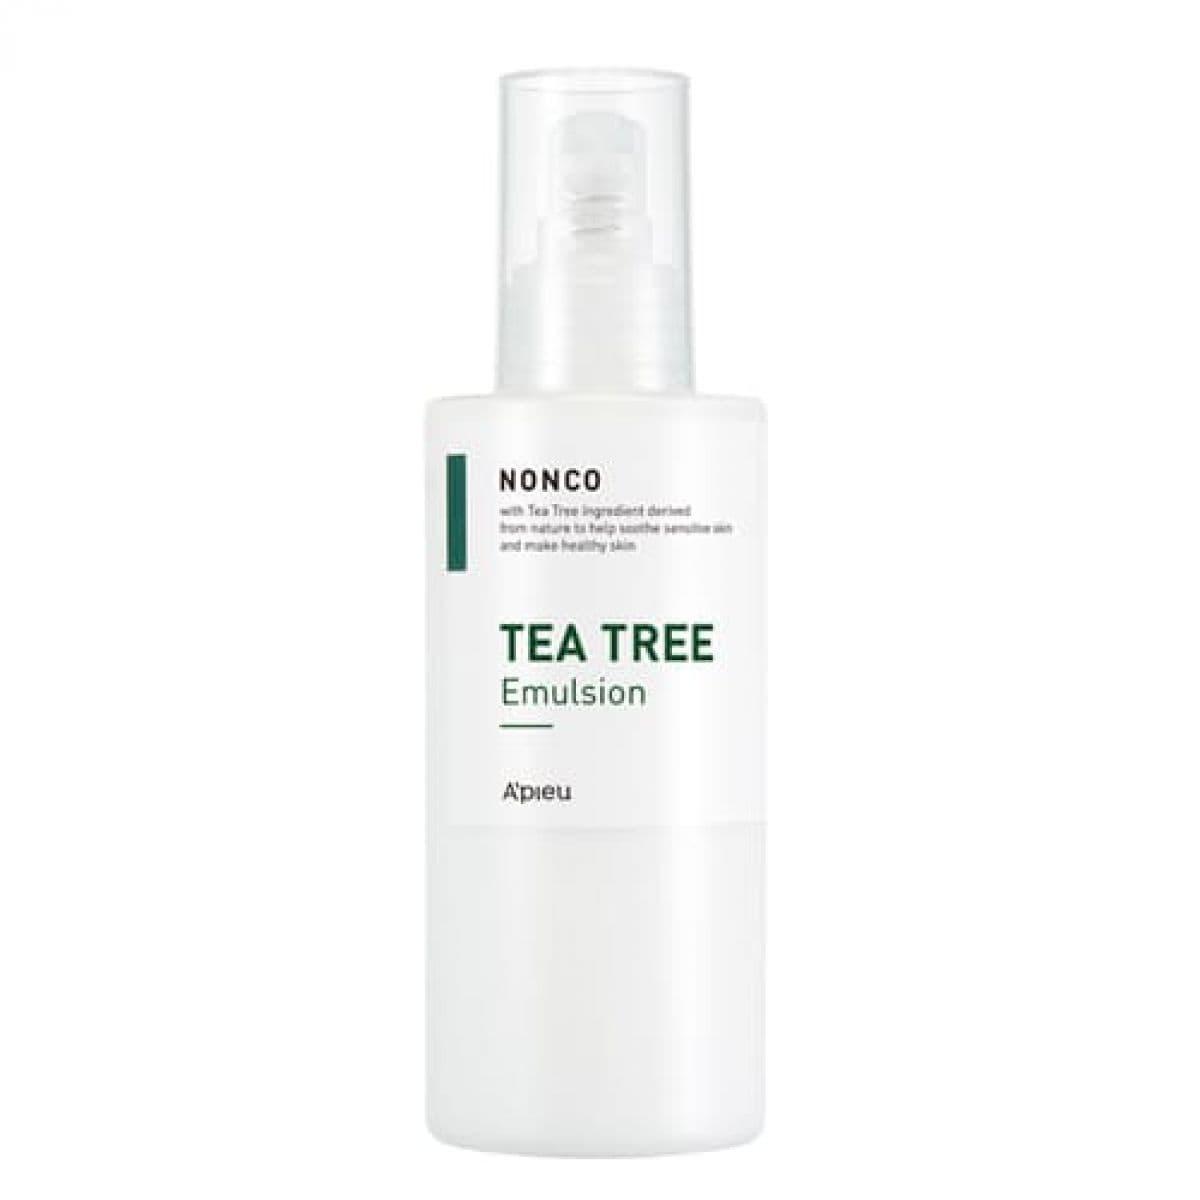 Эмульсия для лица A'Pieu Nonco Tea Tree